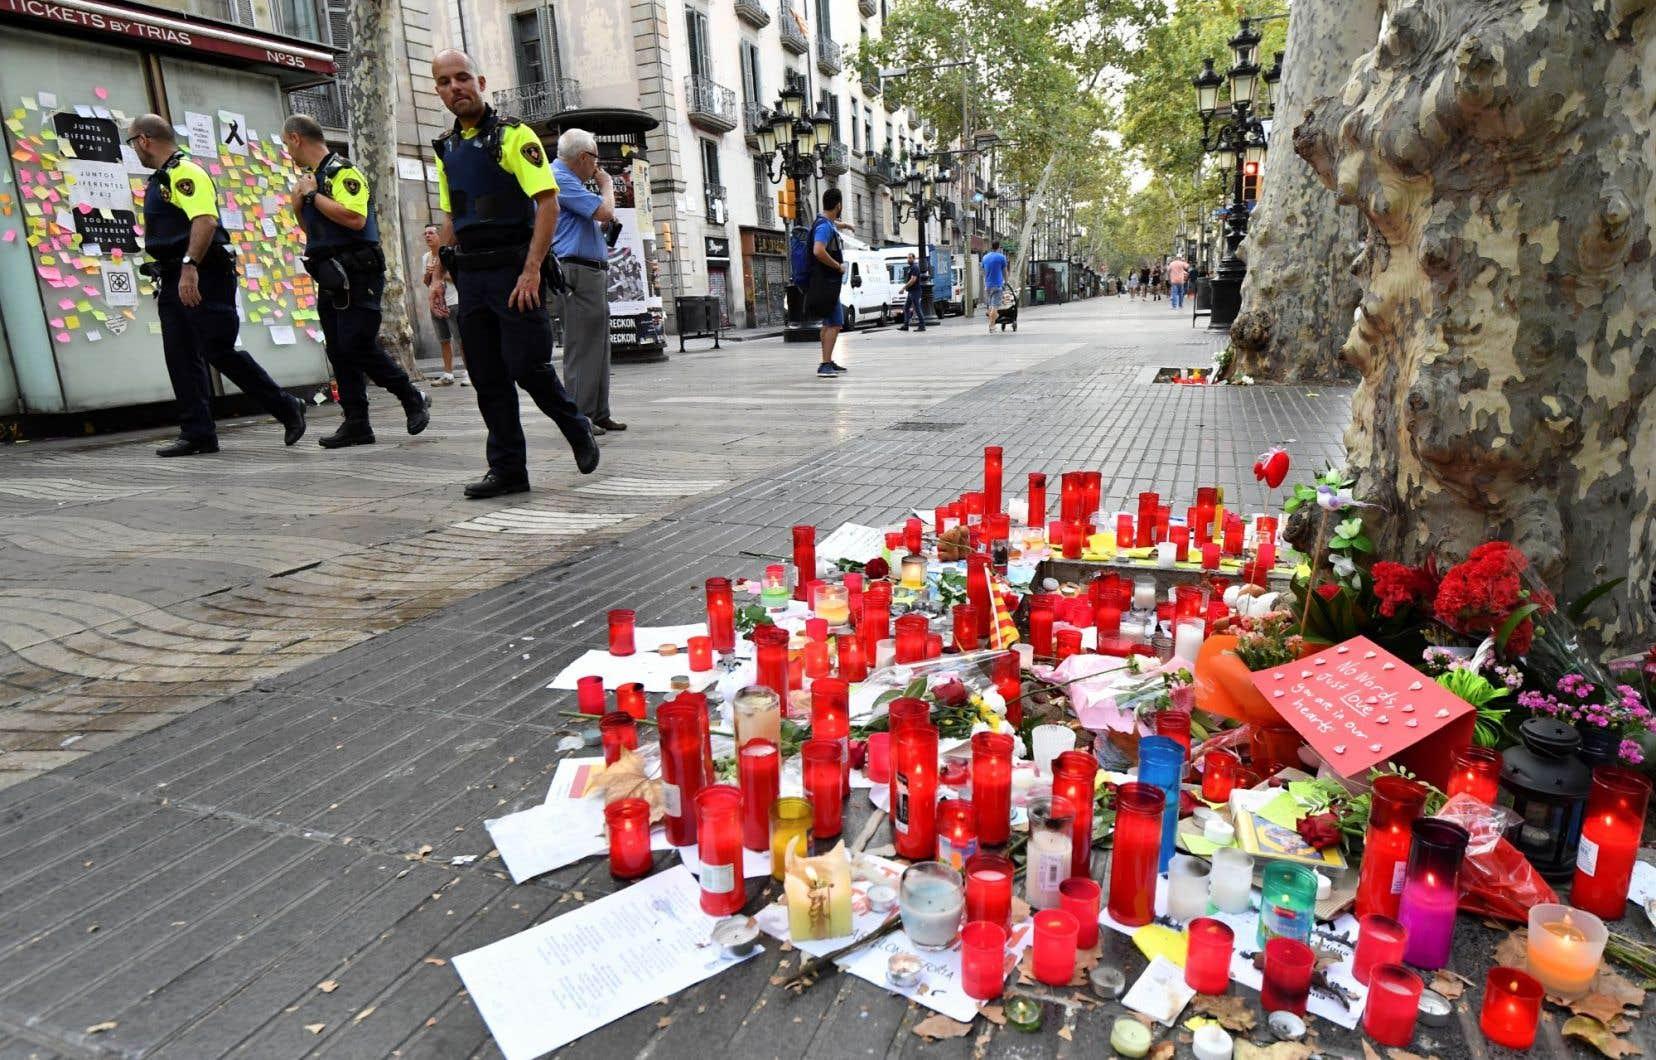 Quatorze personnes ont péri lors d'une attaque terroriste à Barcelone, le 17 août dernier.